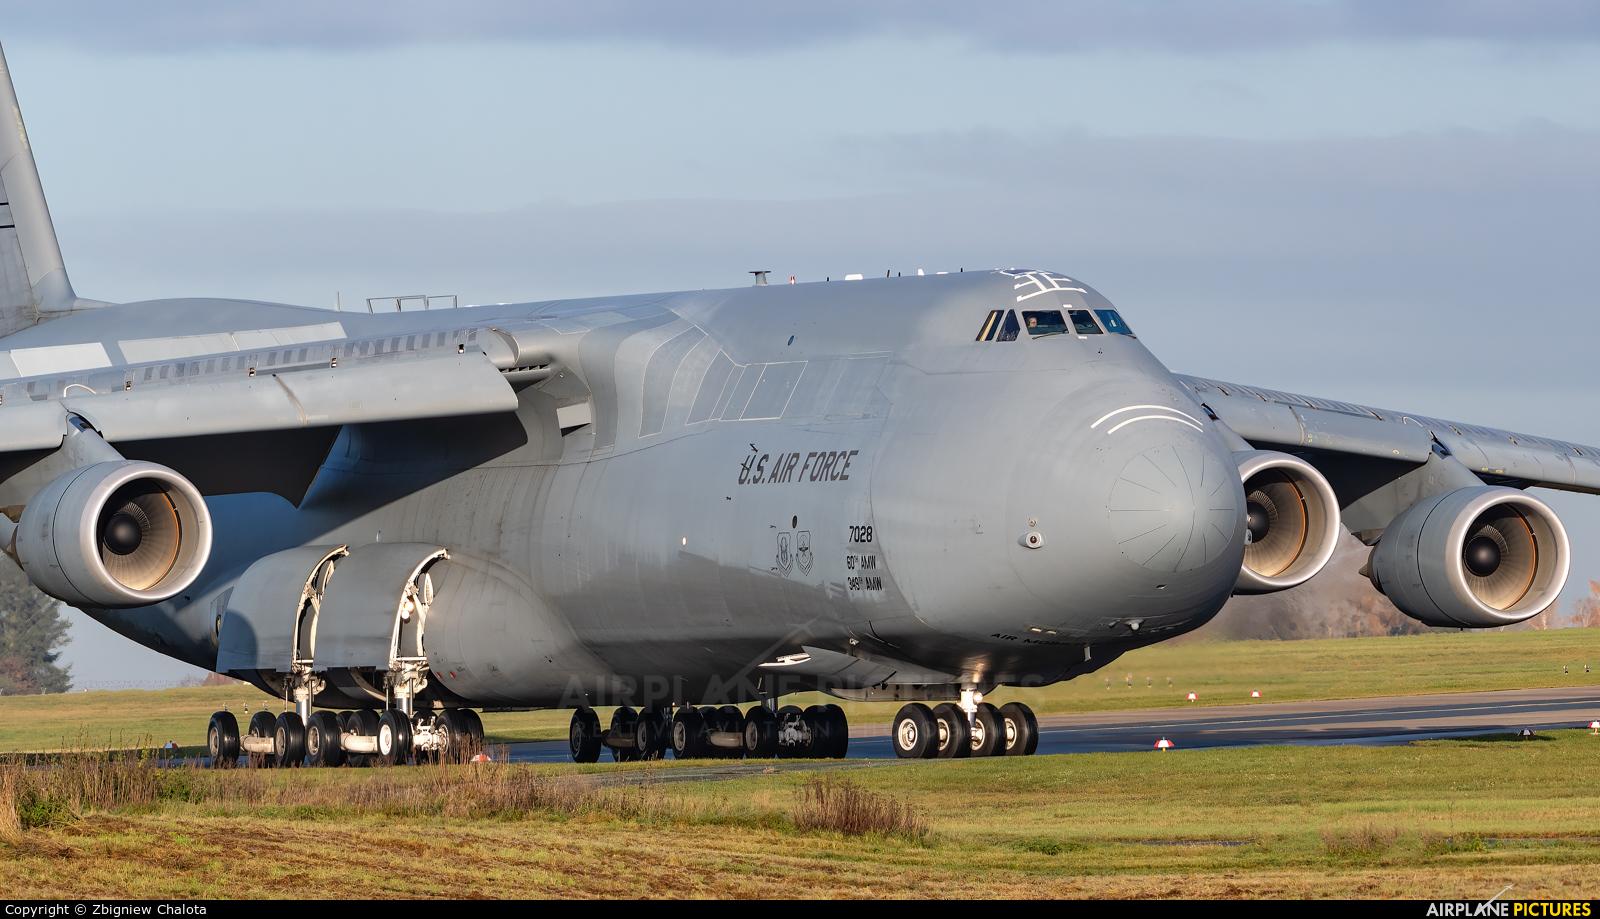 USA - Air Force 87-0028 aircraft at Nuremberg